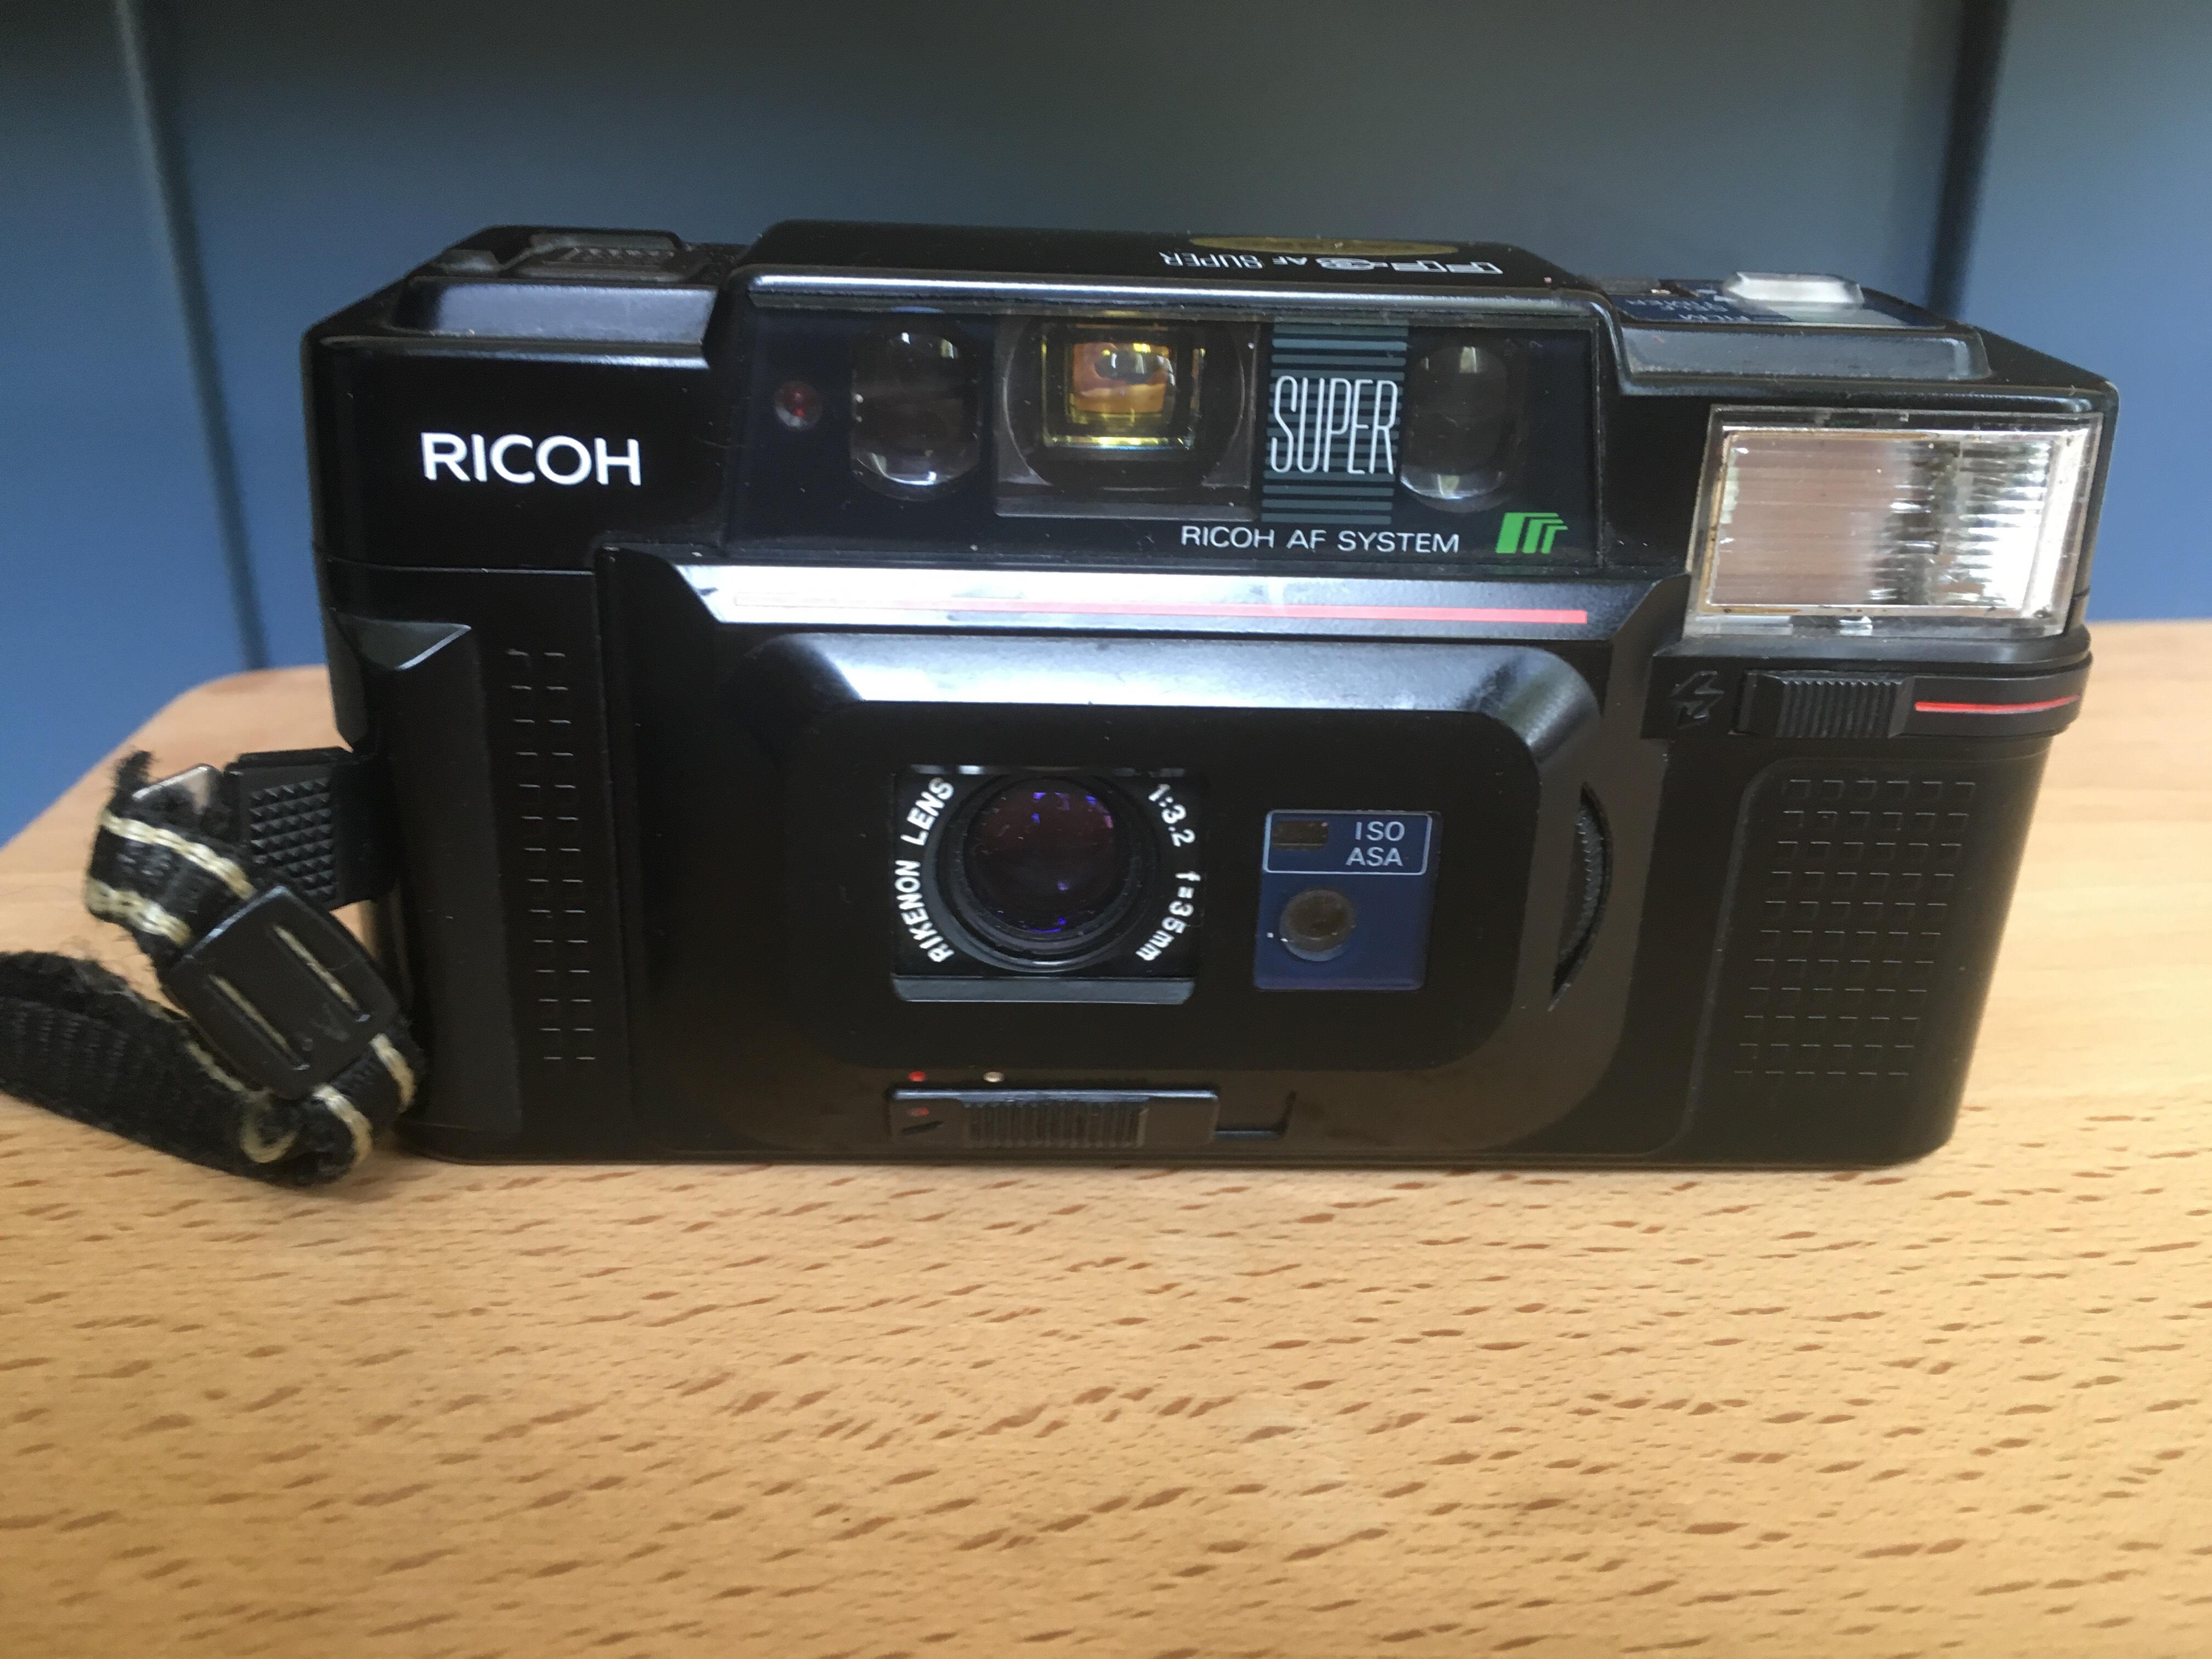 Ricoh FF-3 AF Super